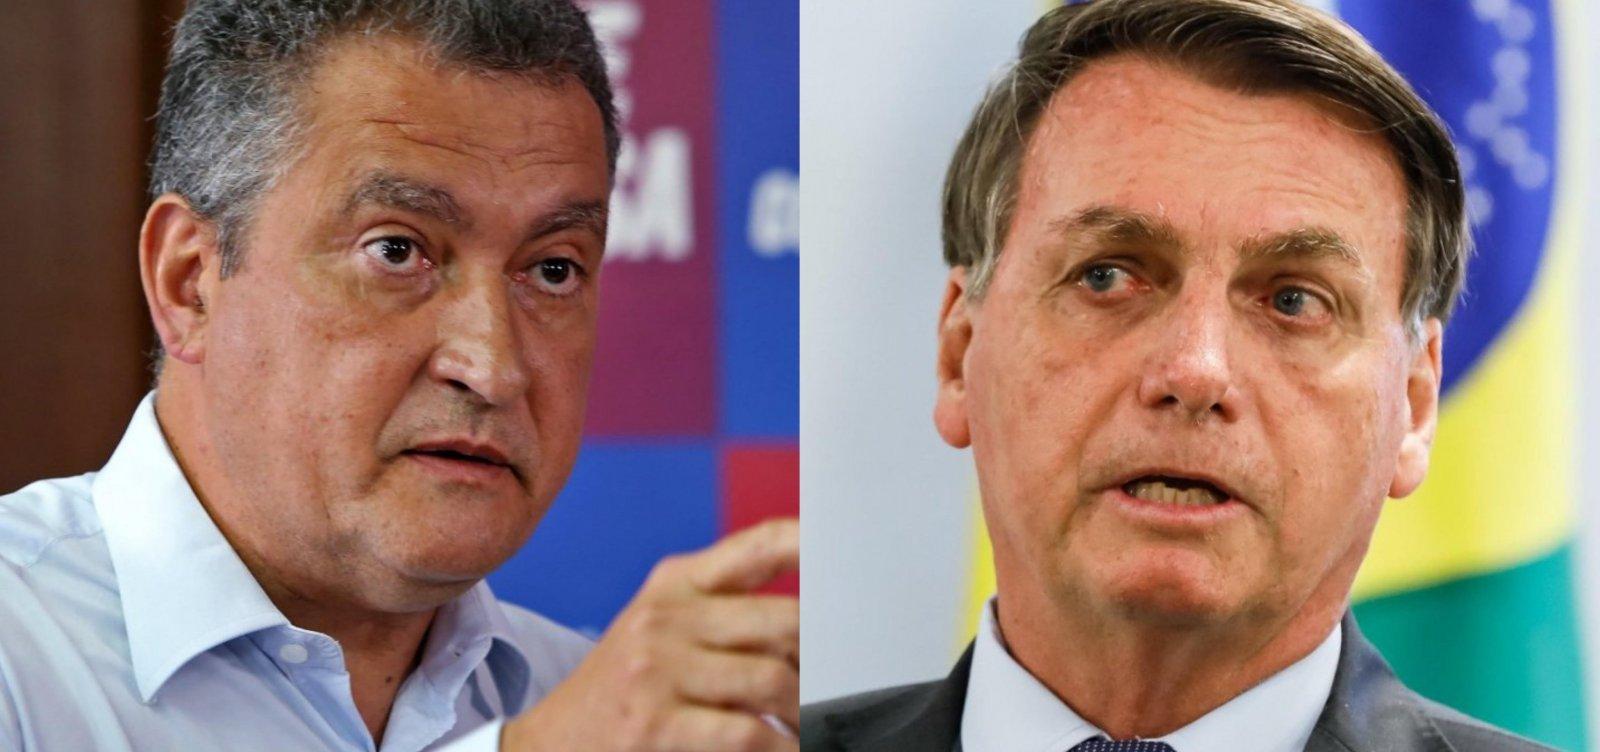 """""""Única fraude é o presidente"""", declara Rui Costa sobre ataques de Bolsonaro às urnas"""